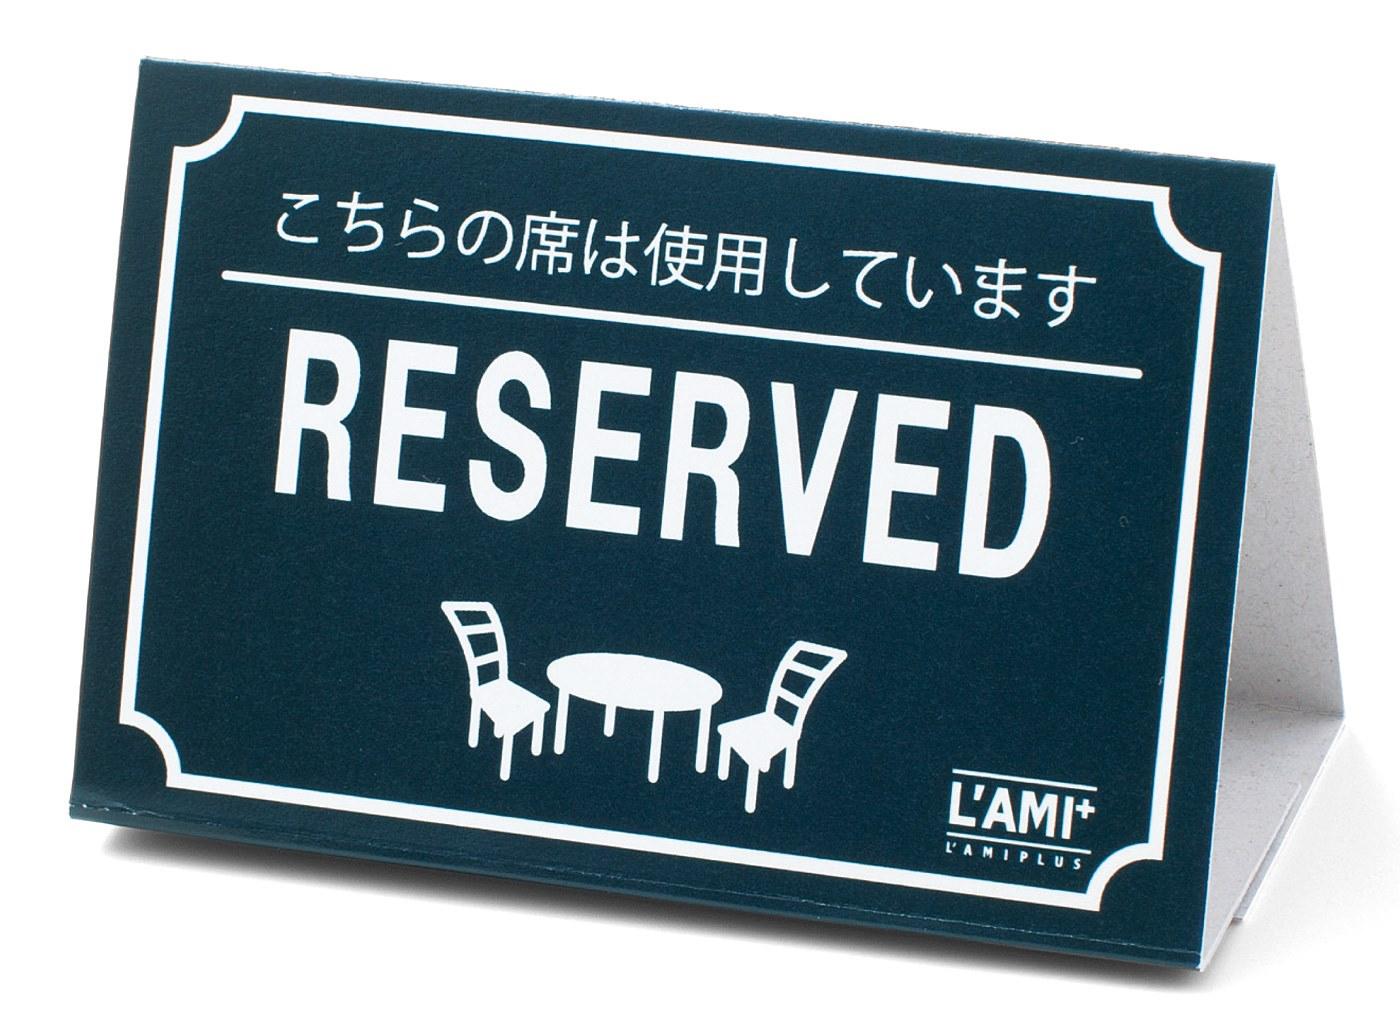 うれしいリザーブカード付き。飲食店でのテーブル確保に役立ちます。